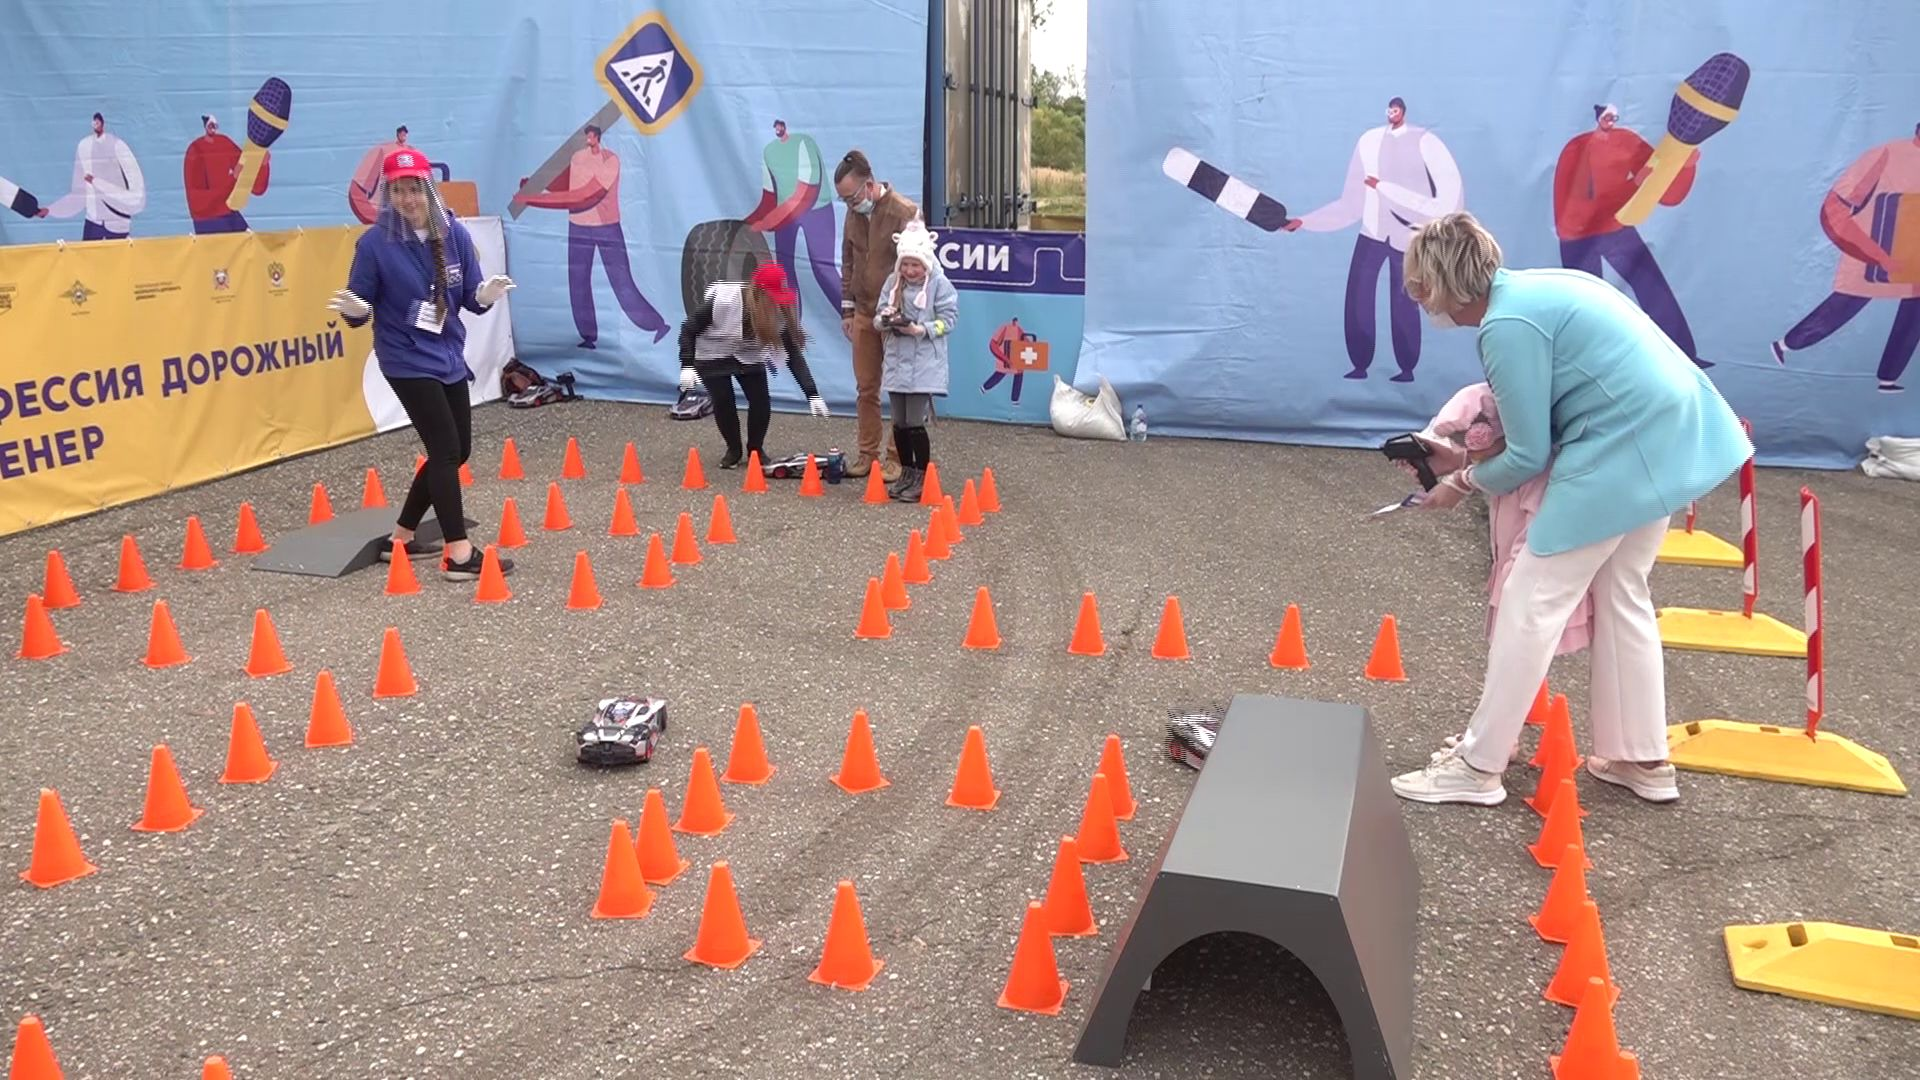 В Ярославле маленьким участникам дорожного движения рассказали о простых правилах